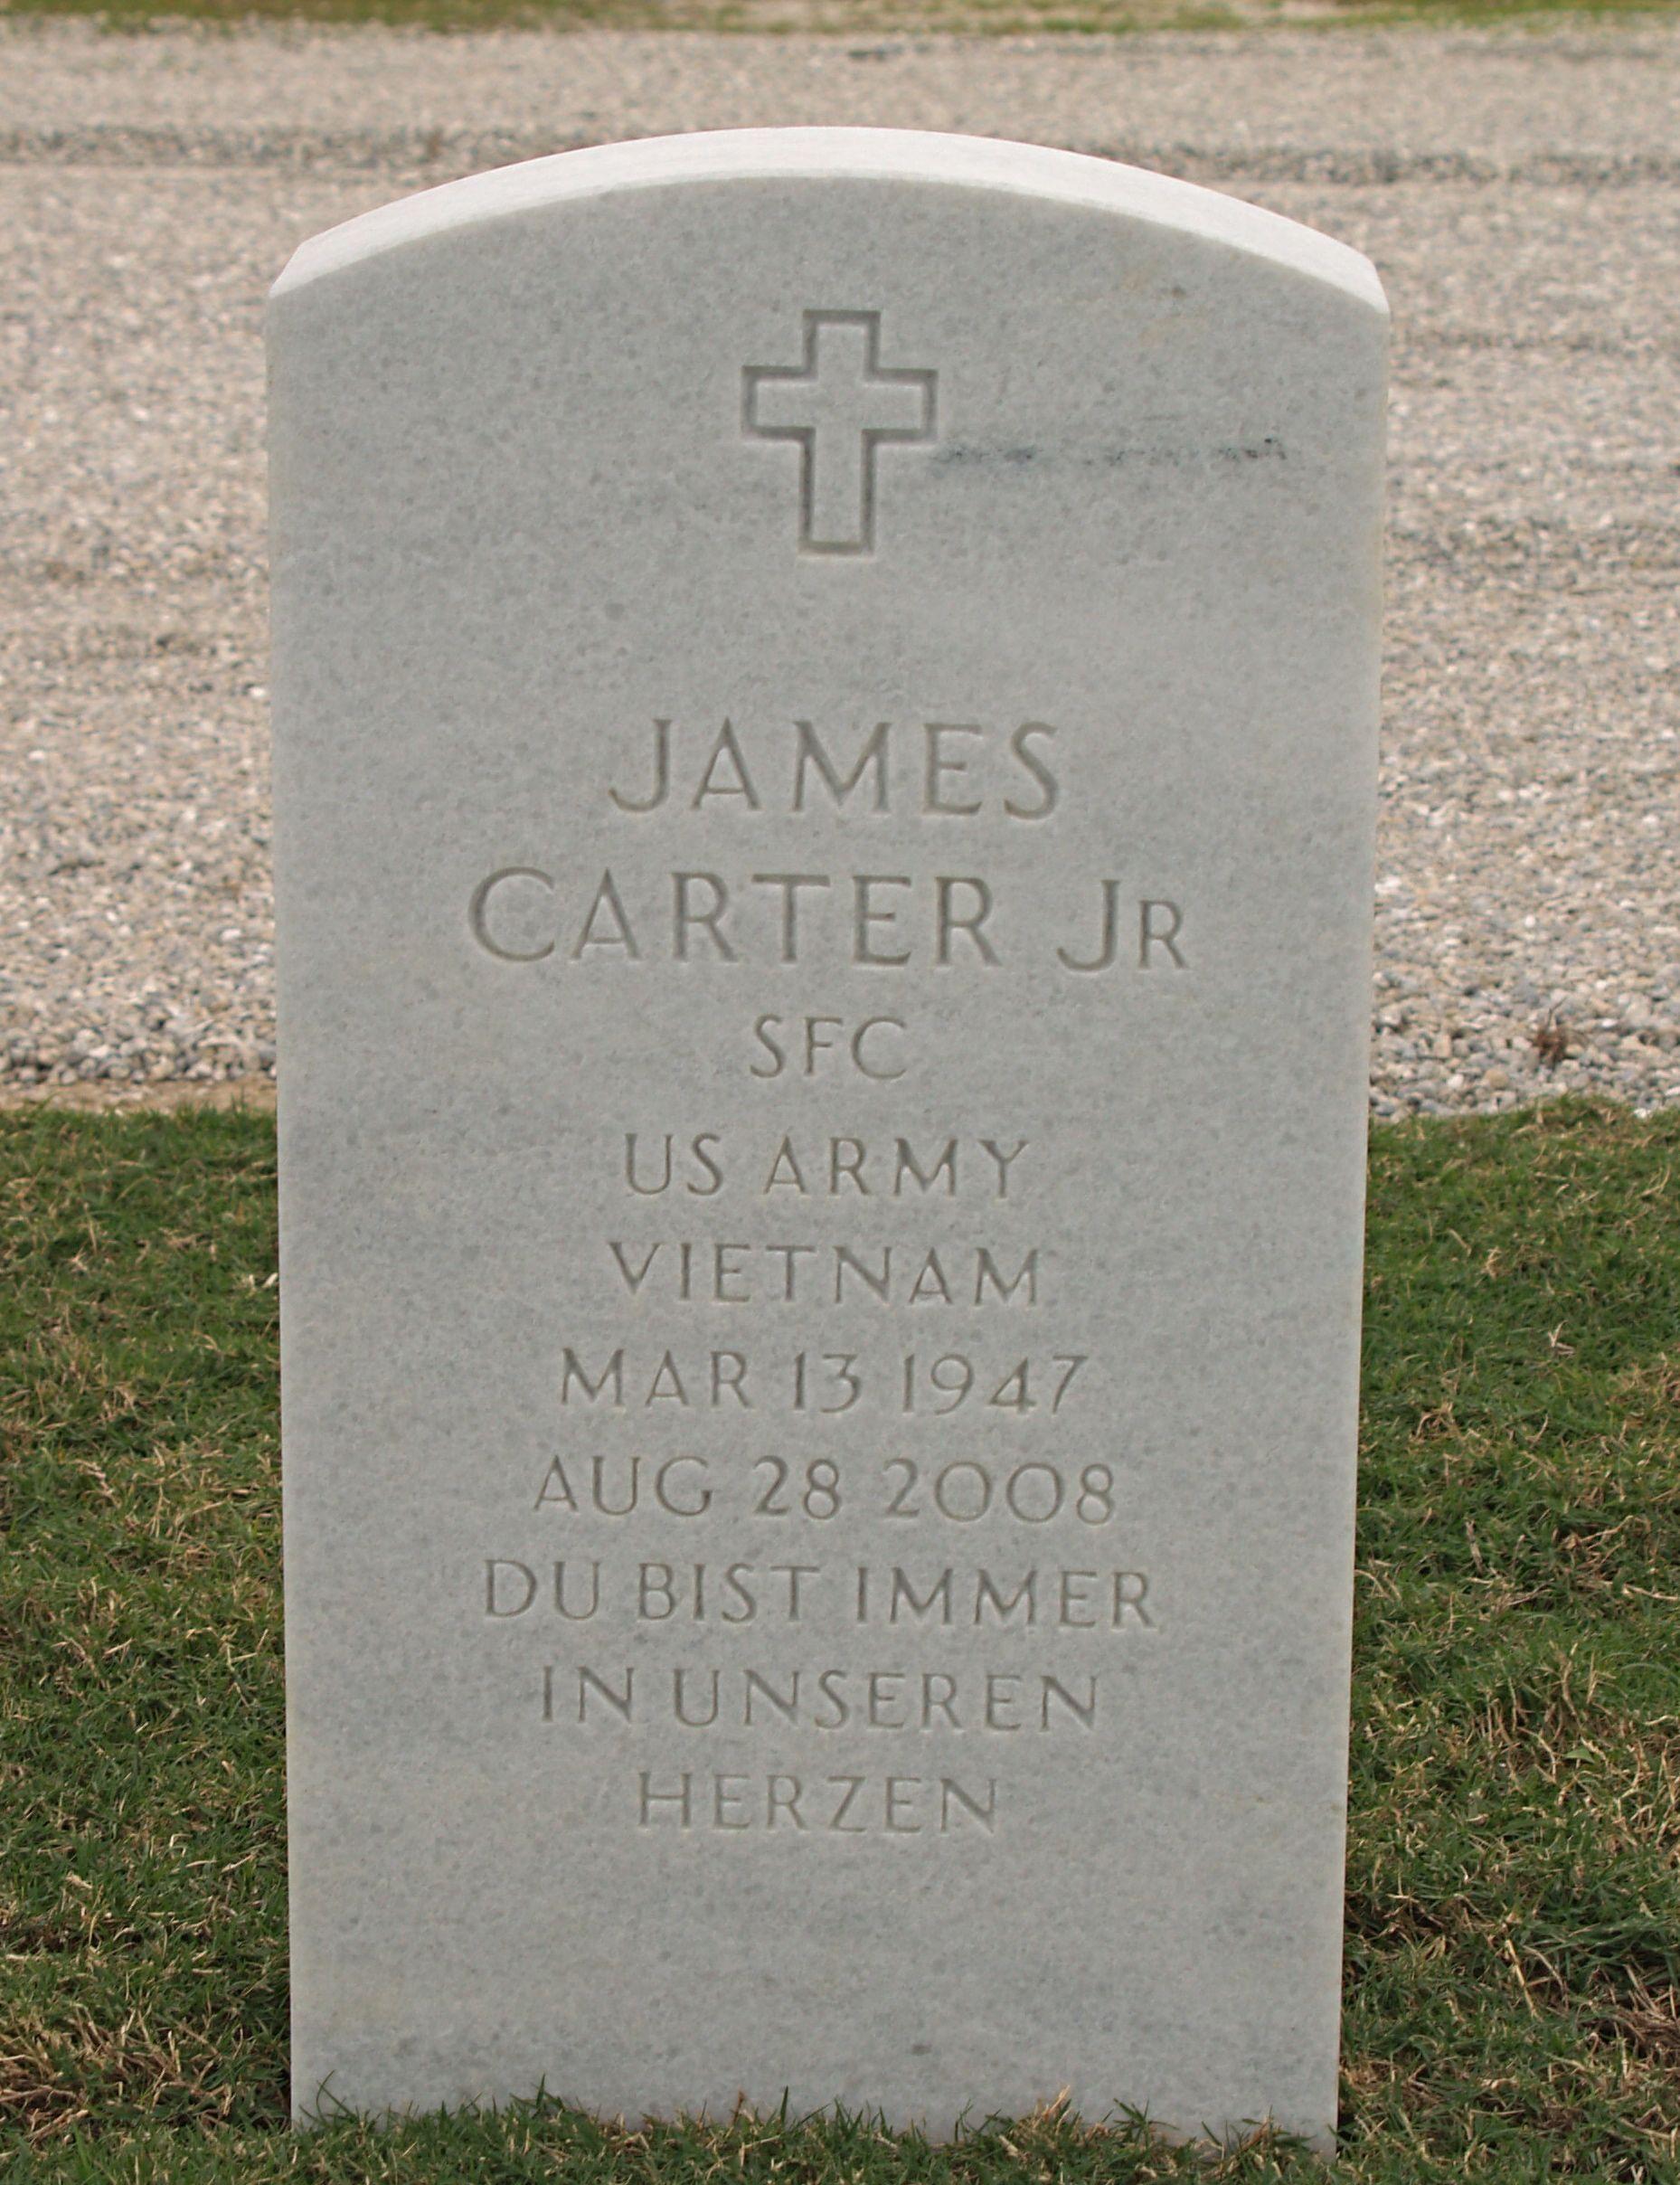 James Carter, Jr